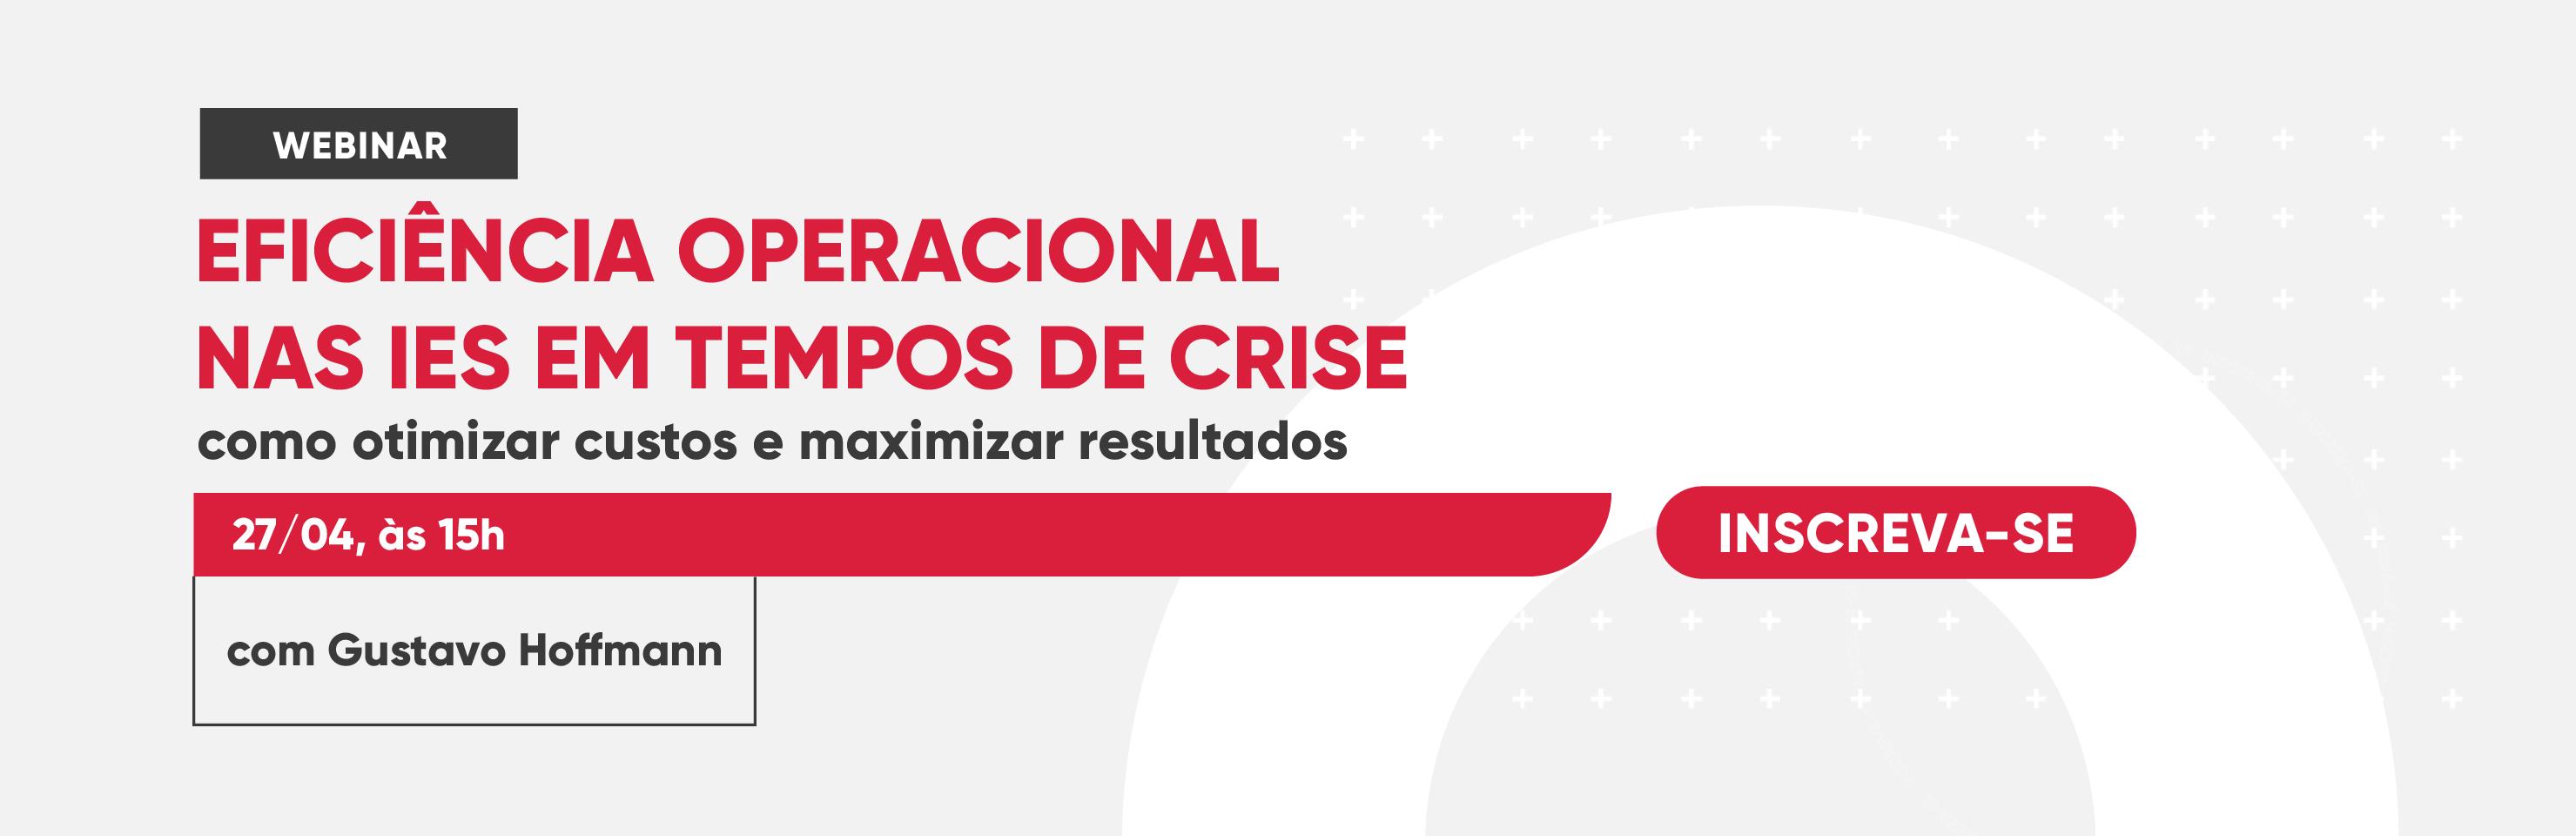 Webinar   Eficiência Operacional nas IES em tempos de crise